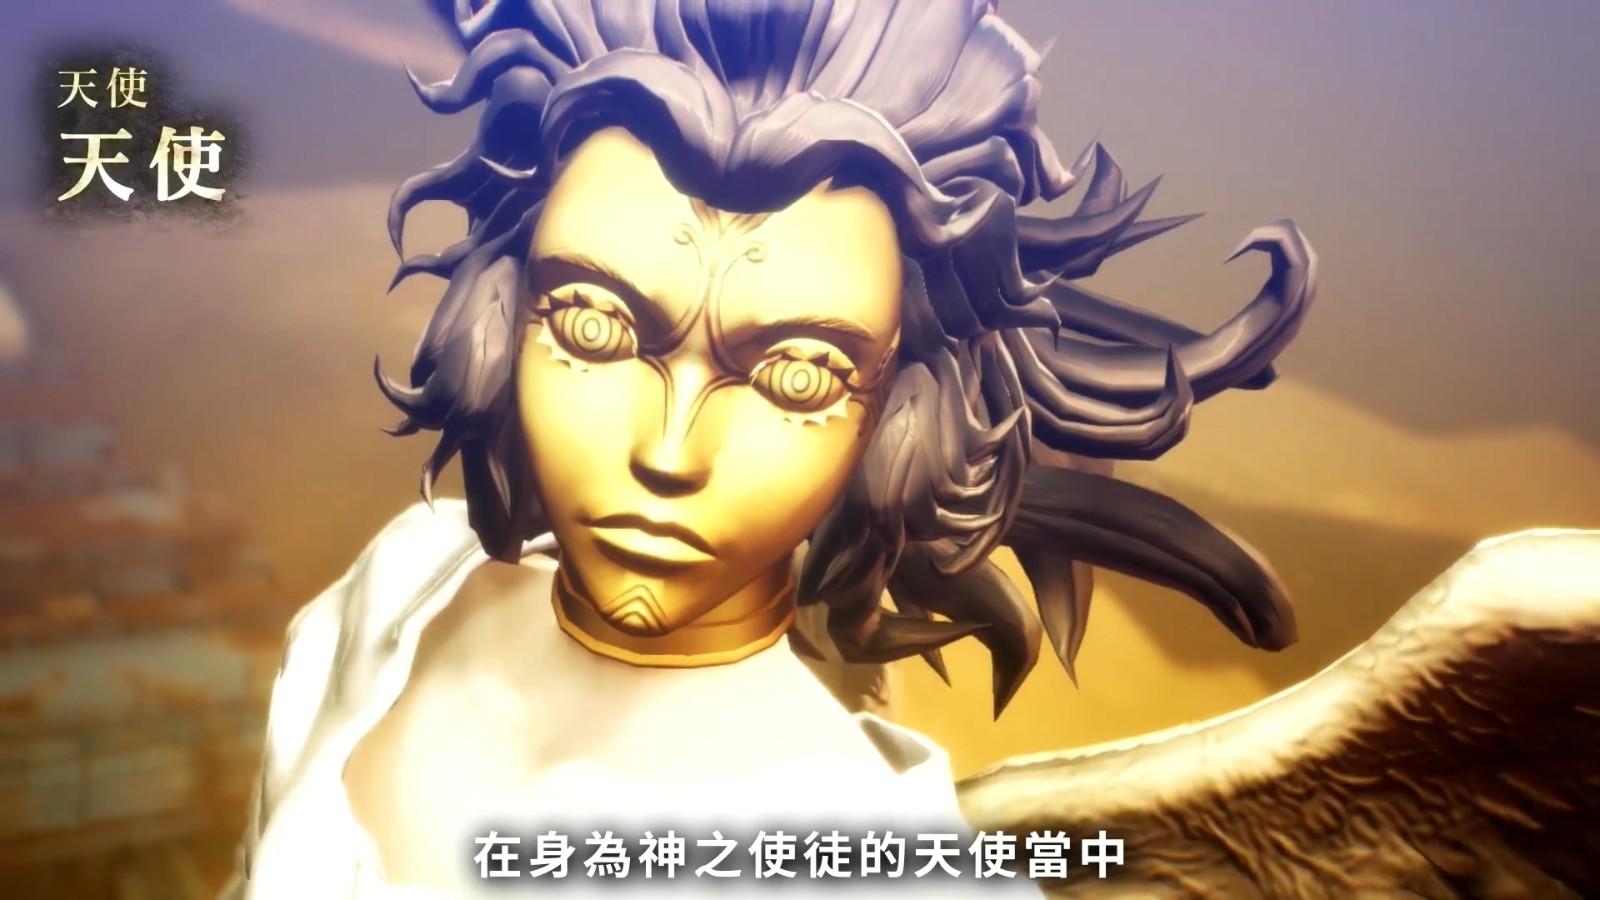 《真女神转生5》芬恩‧麦克库尔、天使、邪灵介绍